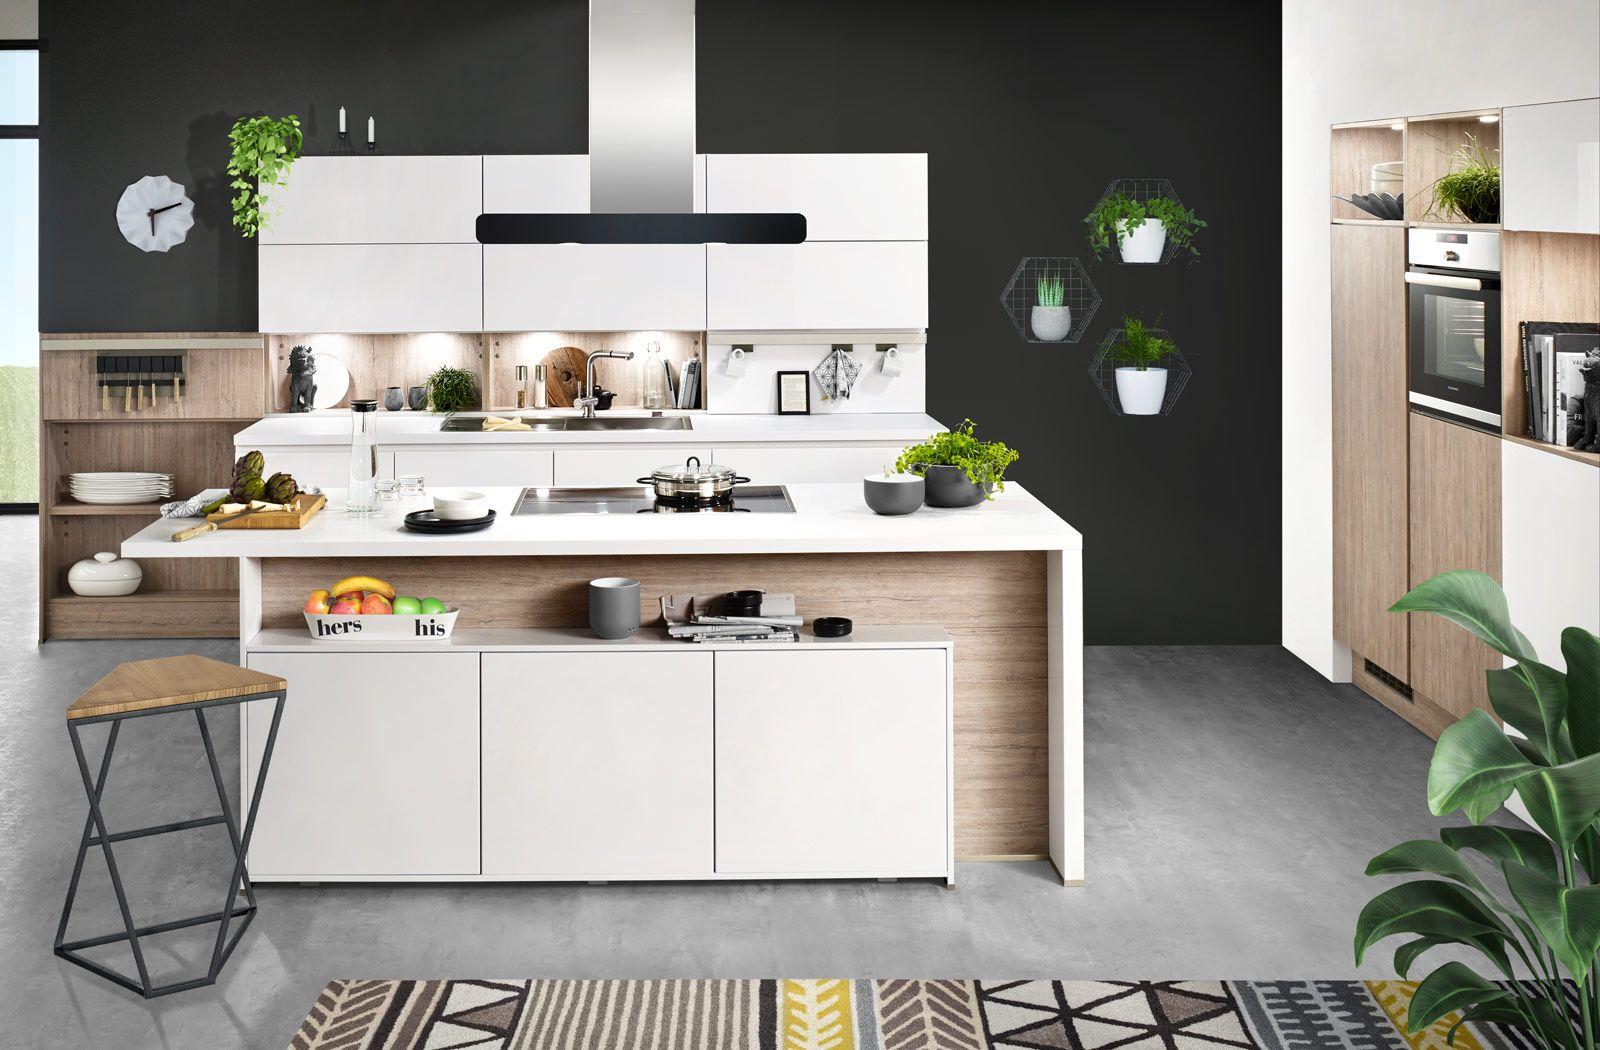 Classic/Art - Häcker Küchen   Welhome 2018 ClassicART   Pinterest ...